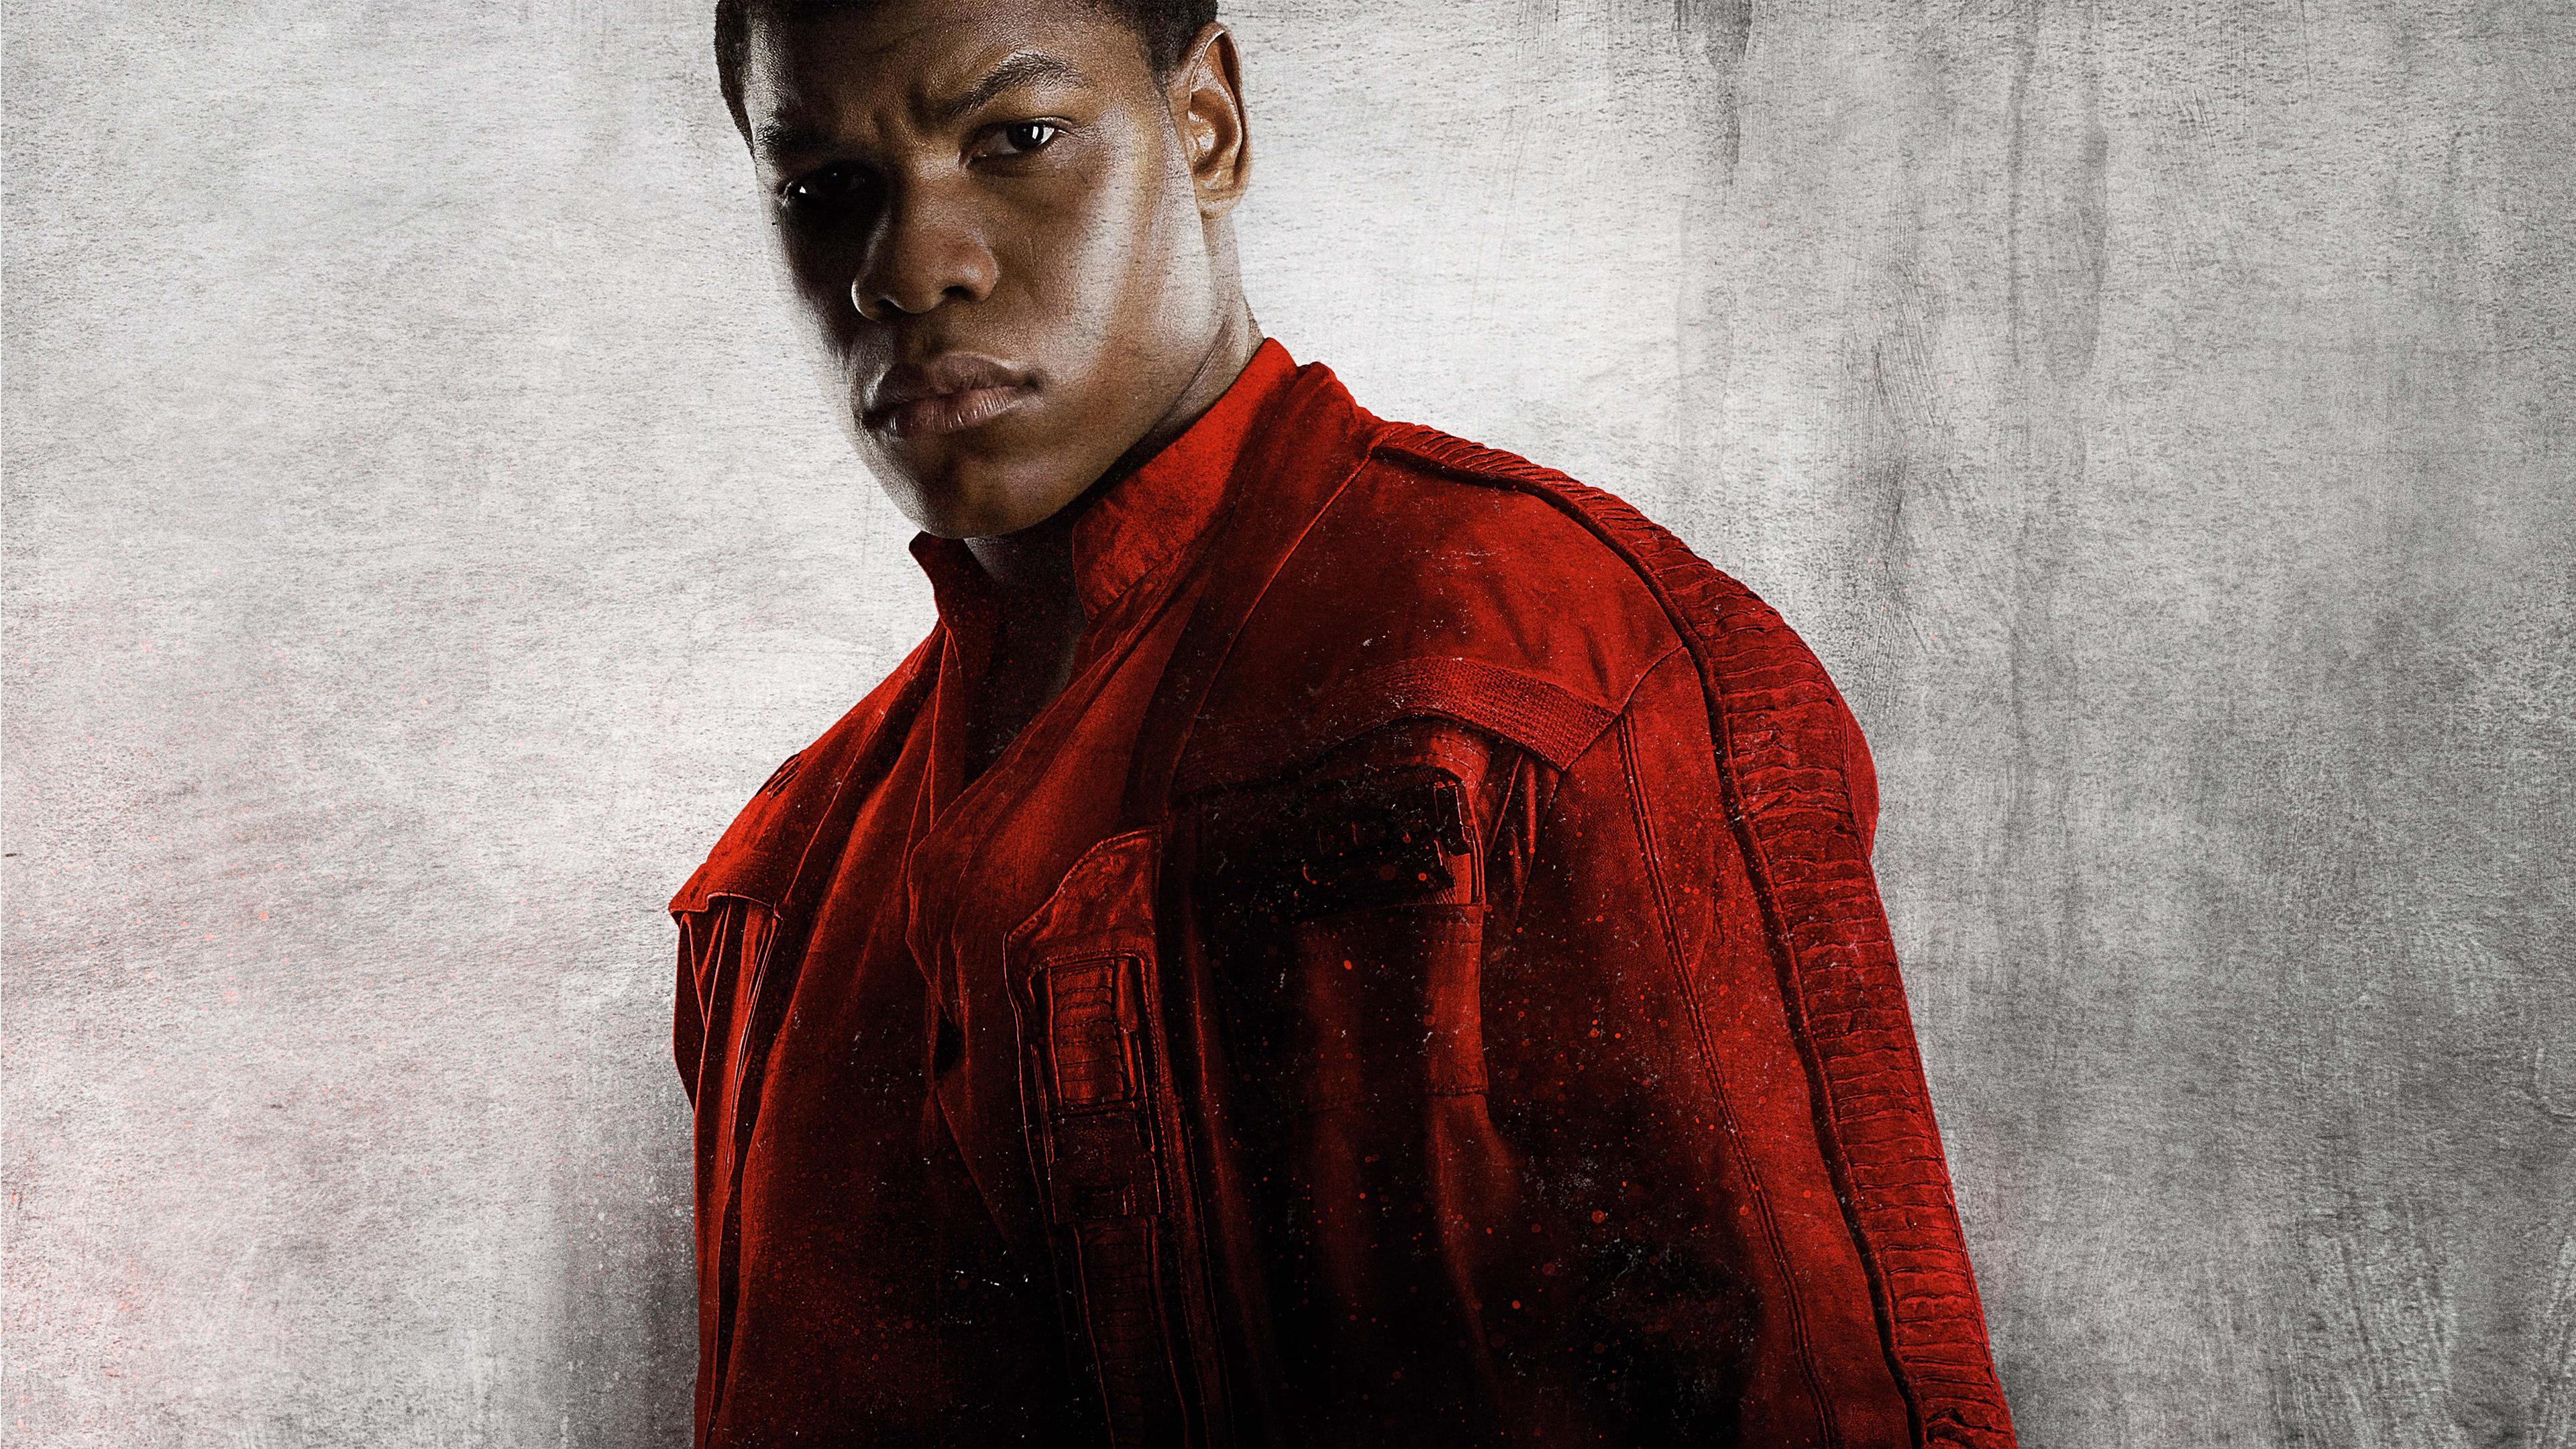 Star Wars The Last Jedi Finn Wide Wallpaper 62375 3840x2160px